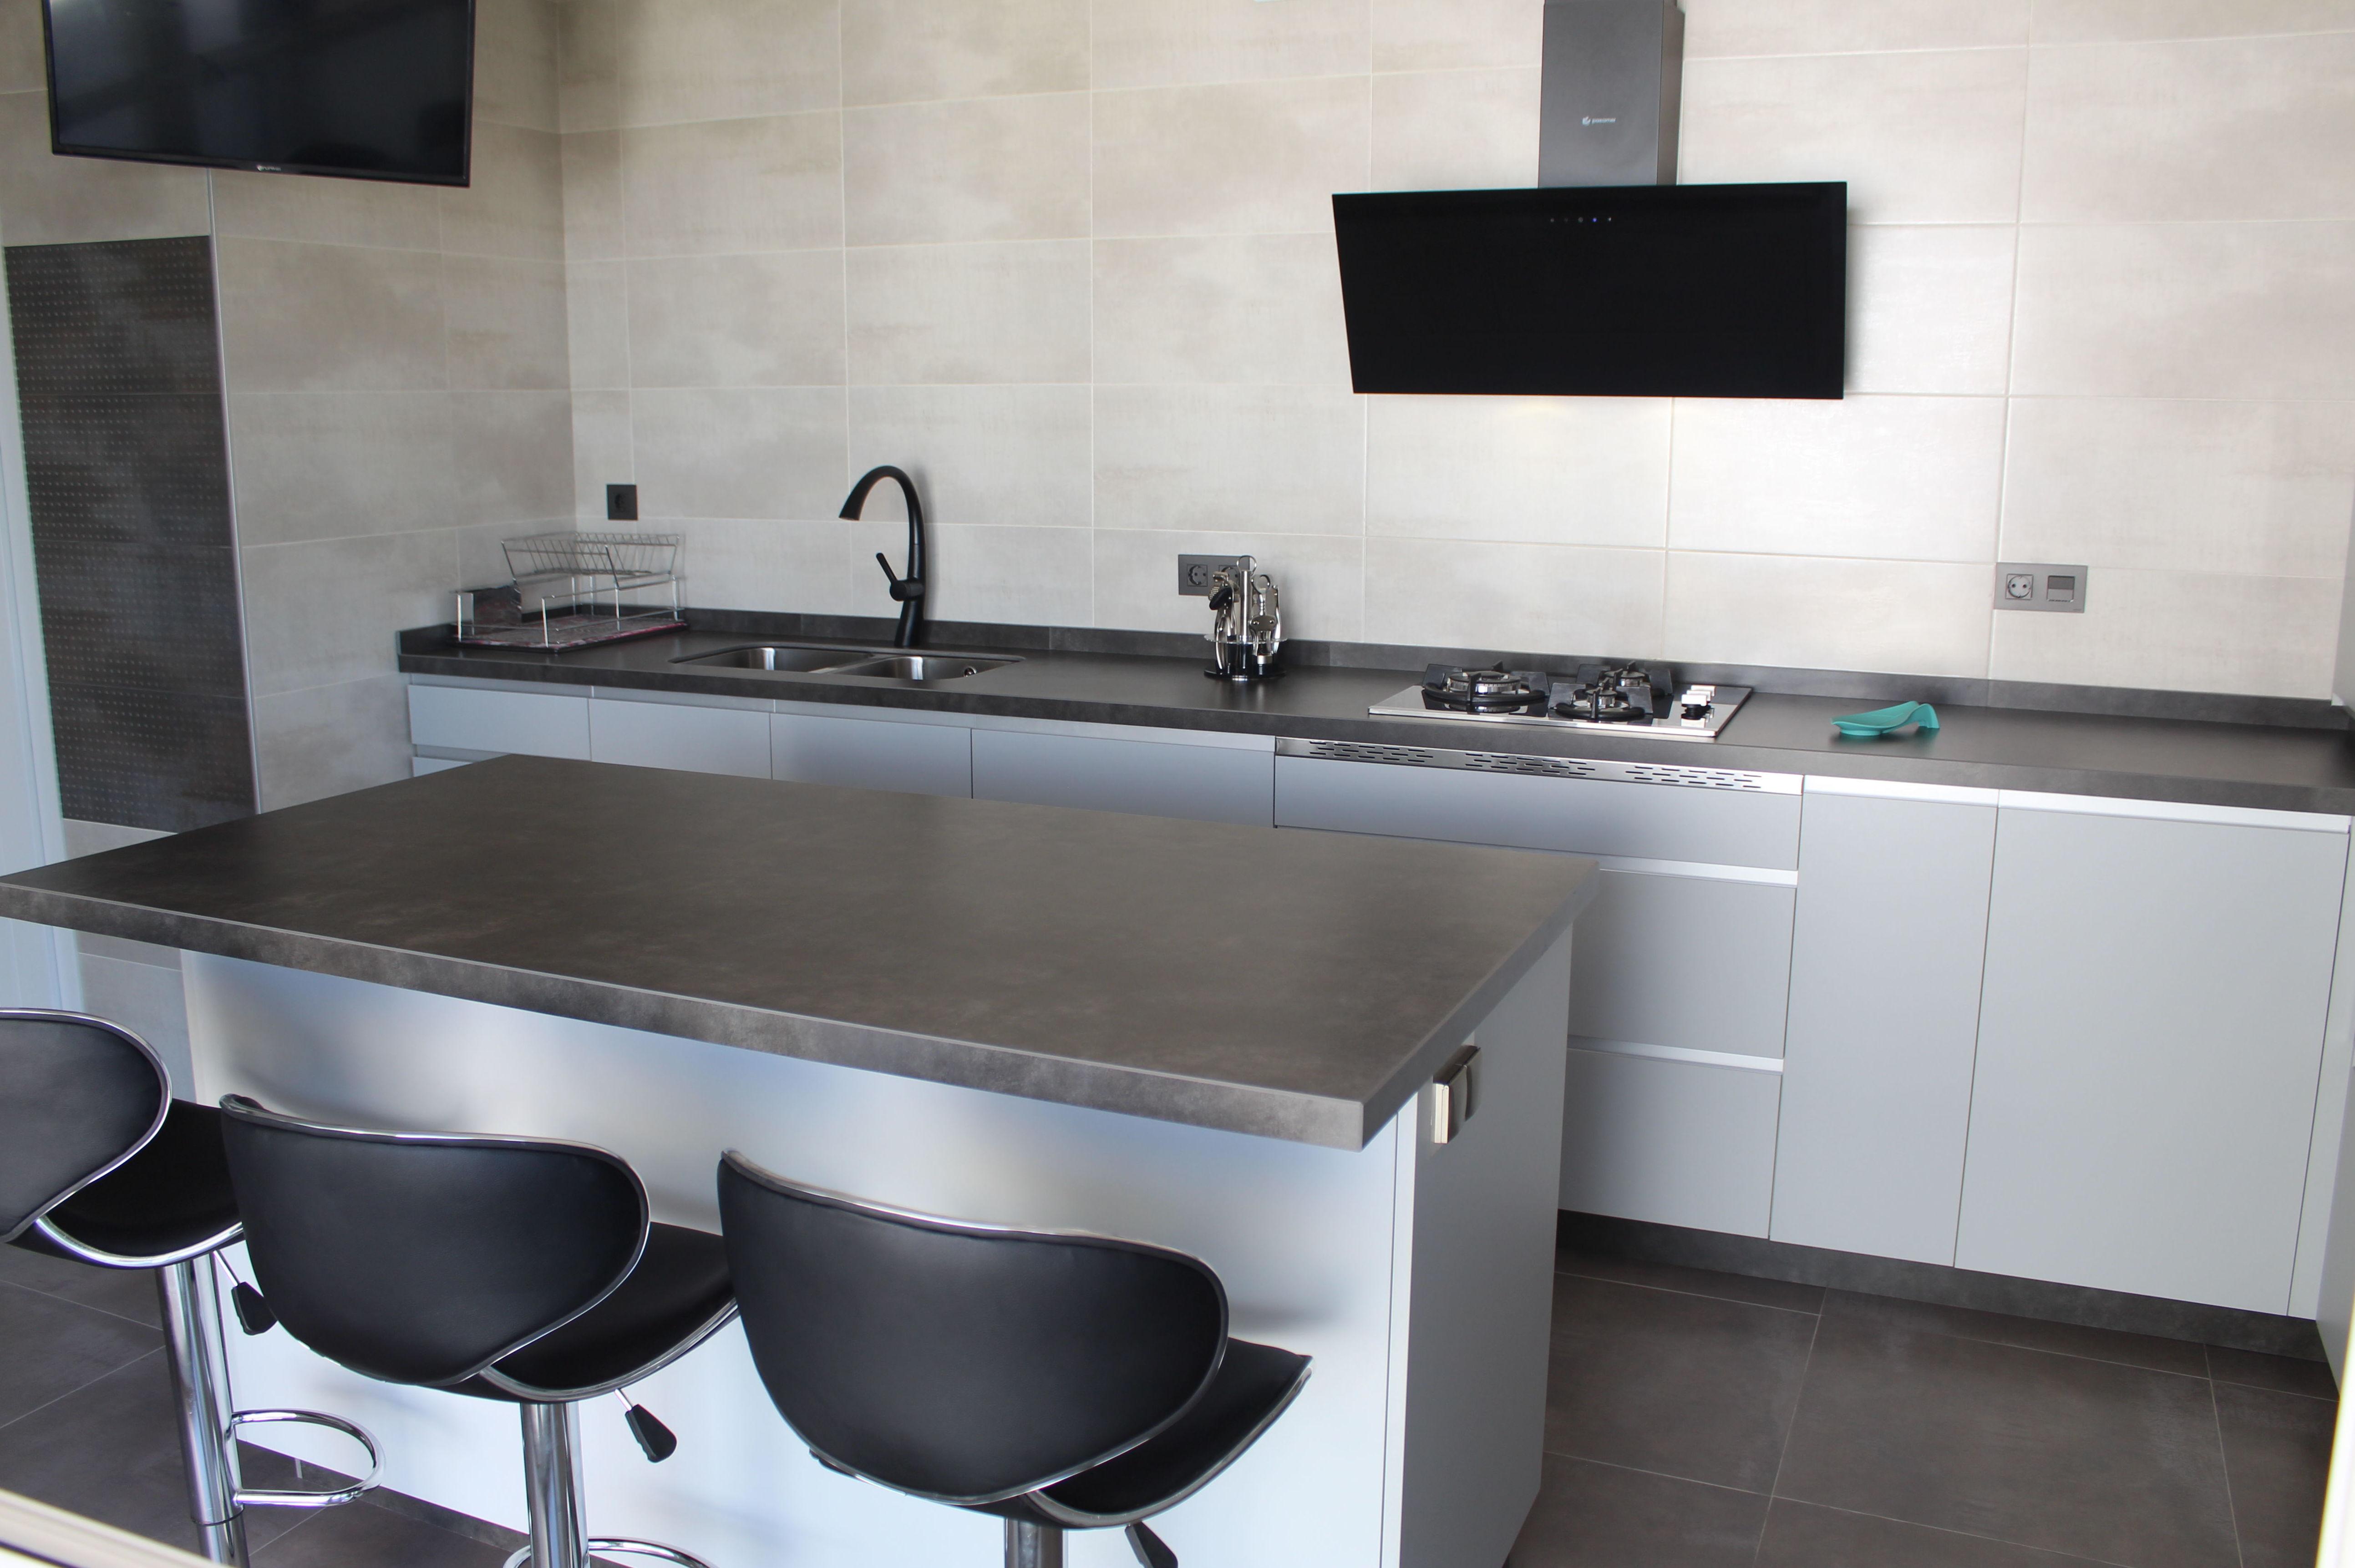 Cocina gris nube con tirador aluminio y encimera óxido: Nuestros trabajos de Cocinas  MYDO